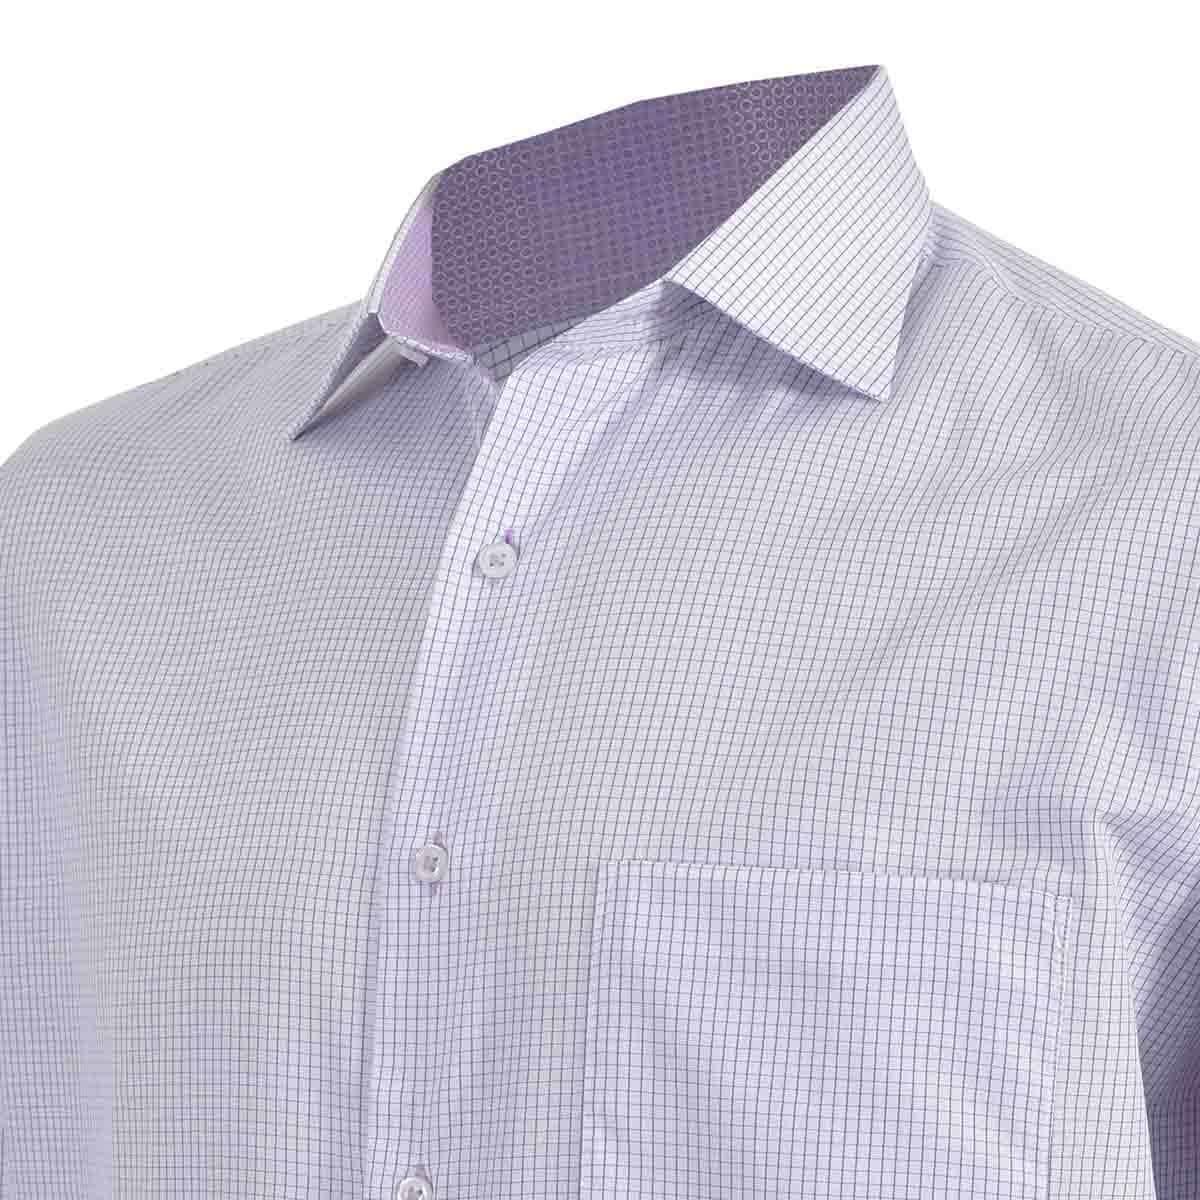 Camisa de Vestir Tradicional Morado Secf 07 Carlo Corinto